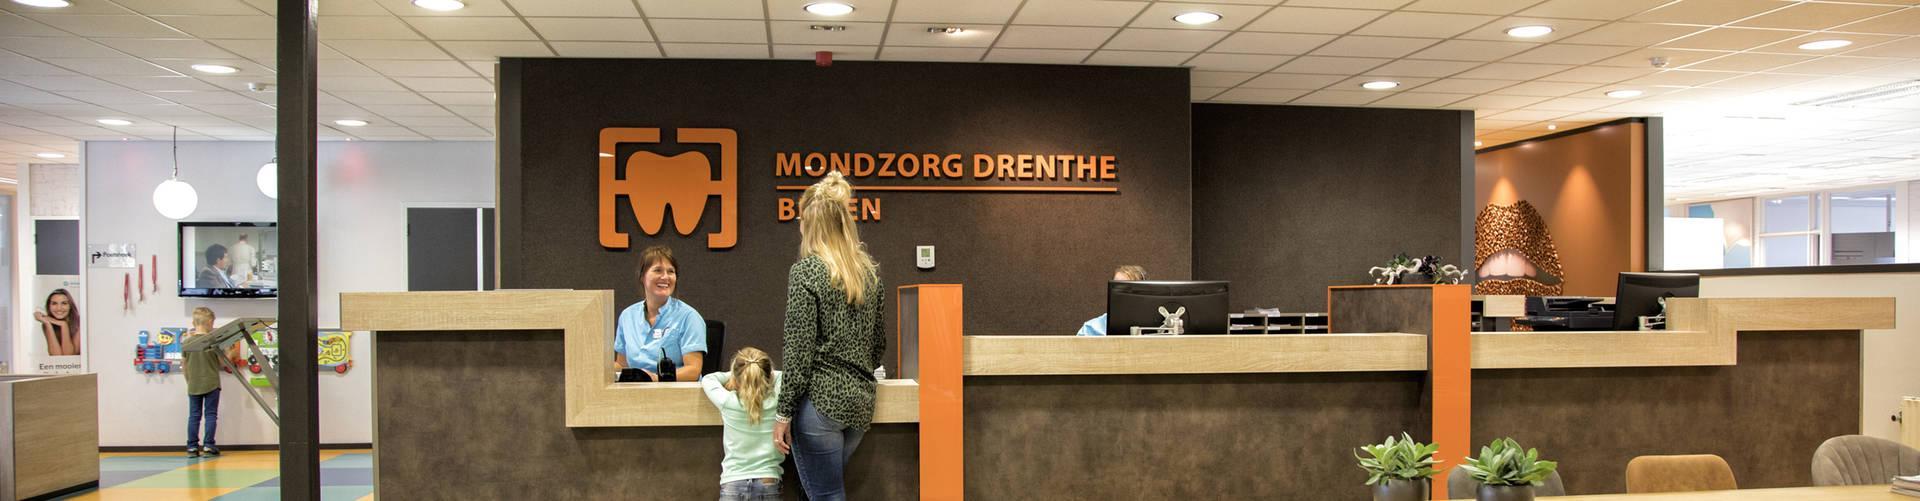 Mondzorg Drenthe Beilen voor website